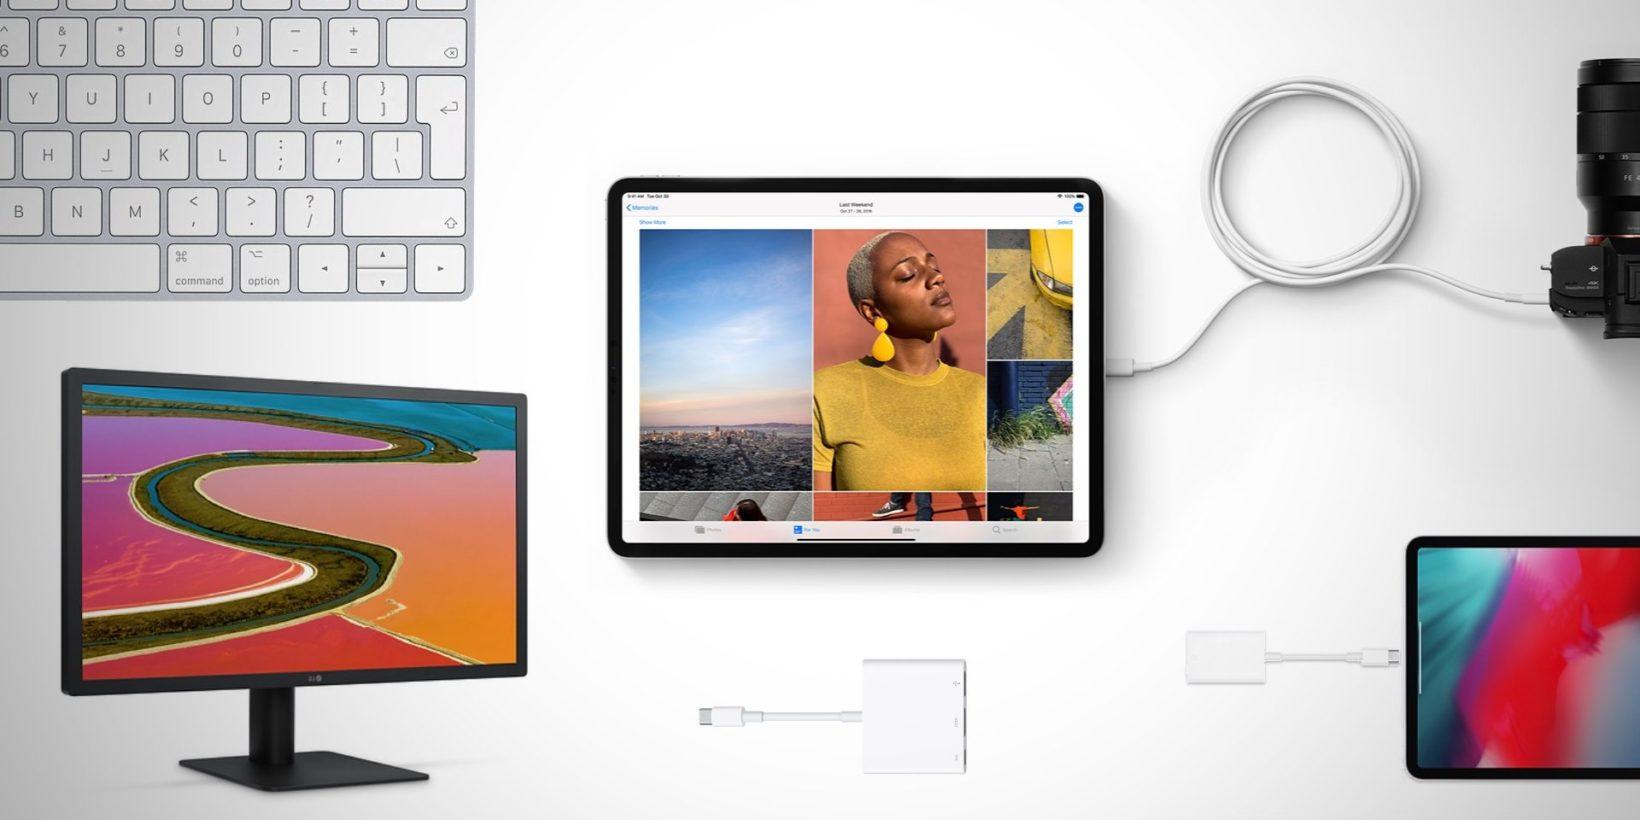 come collegare mac book alla tv